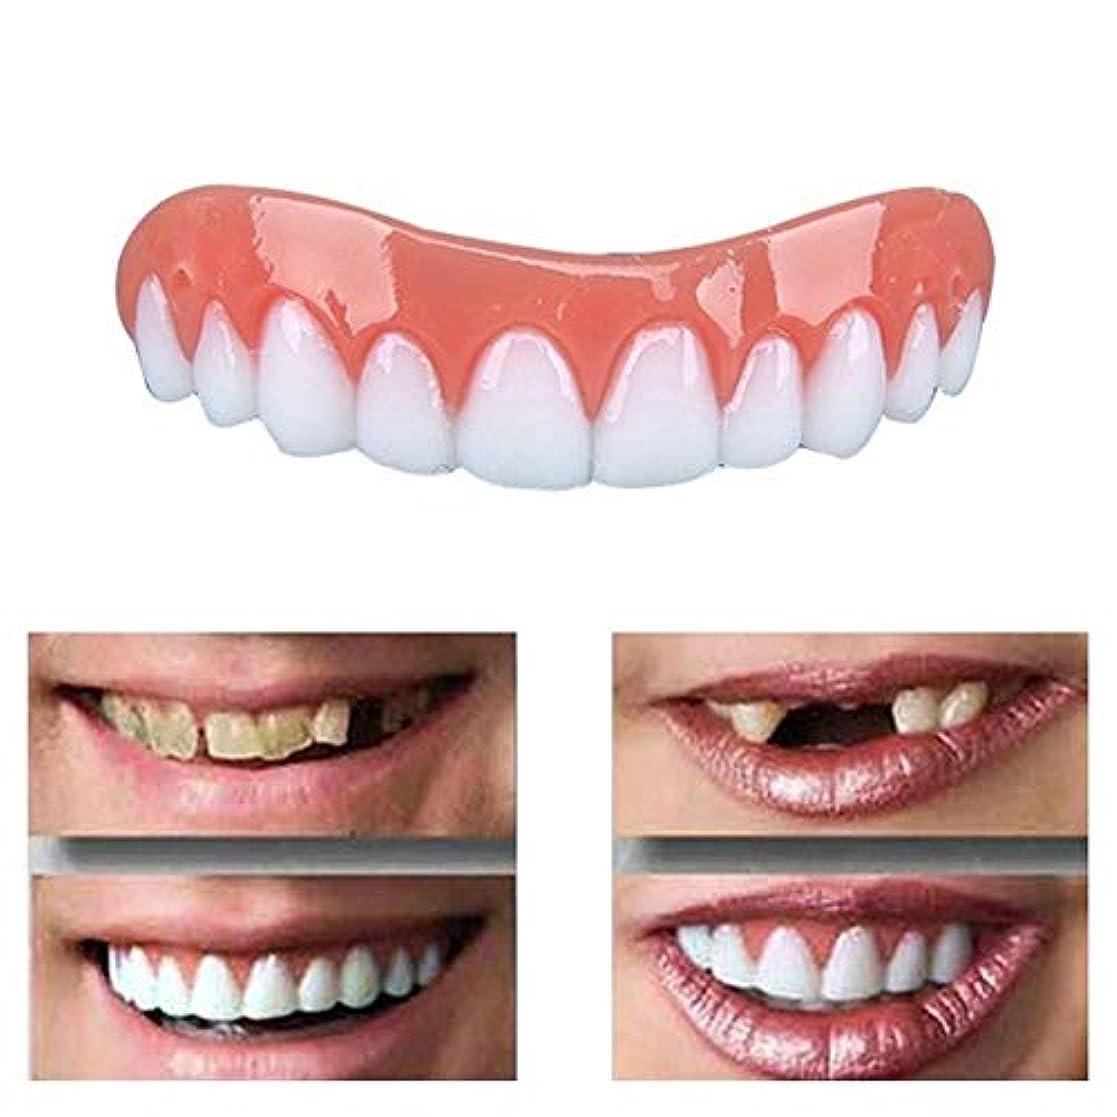 とても推論チケット2組の完璧な笑顔のベニヤダブの歯の修正のための在庫でダブあなたに与える完璧な笑顔のベニヤ